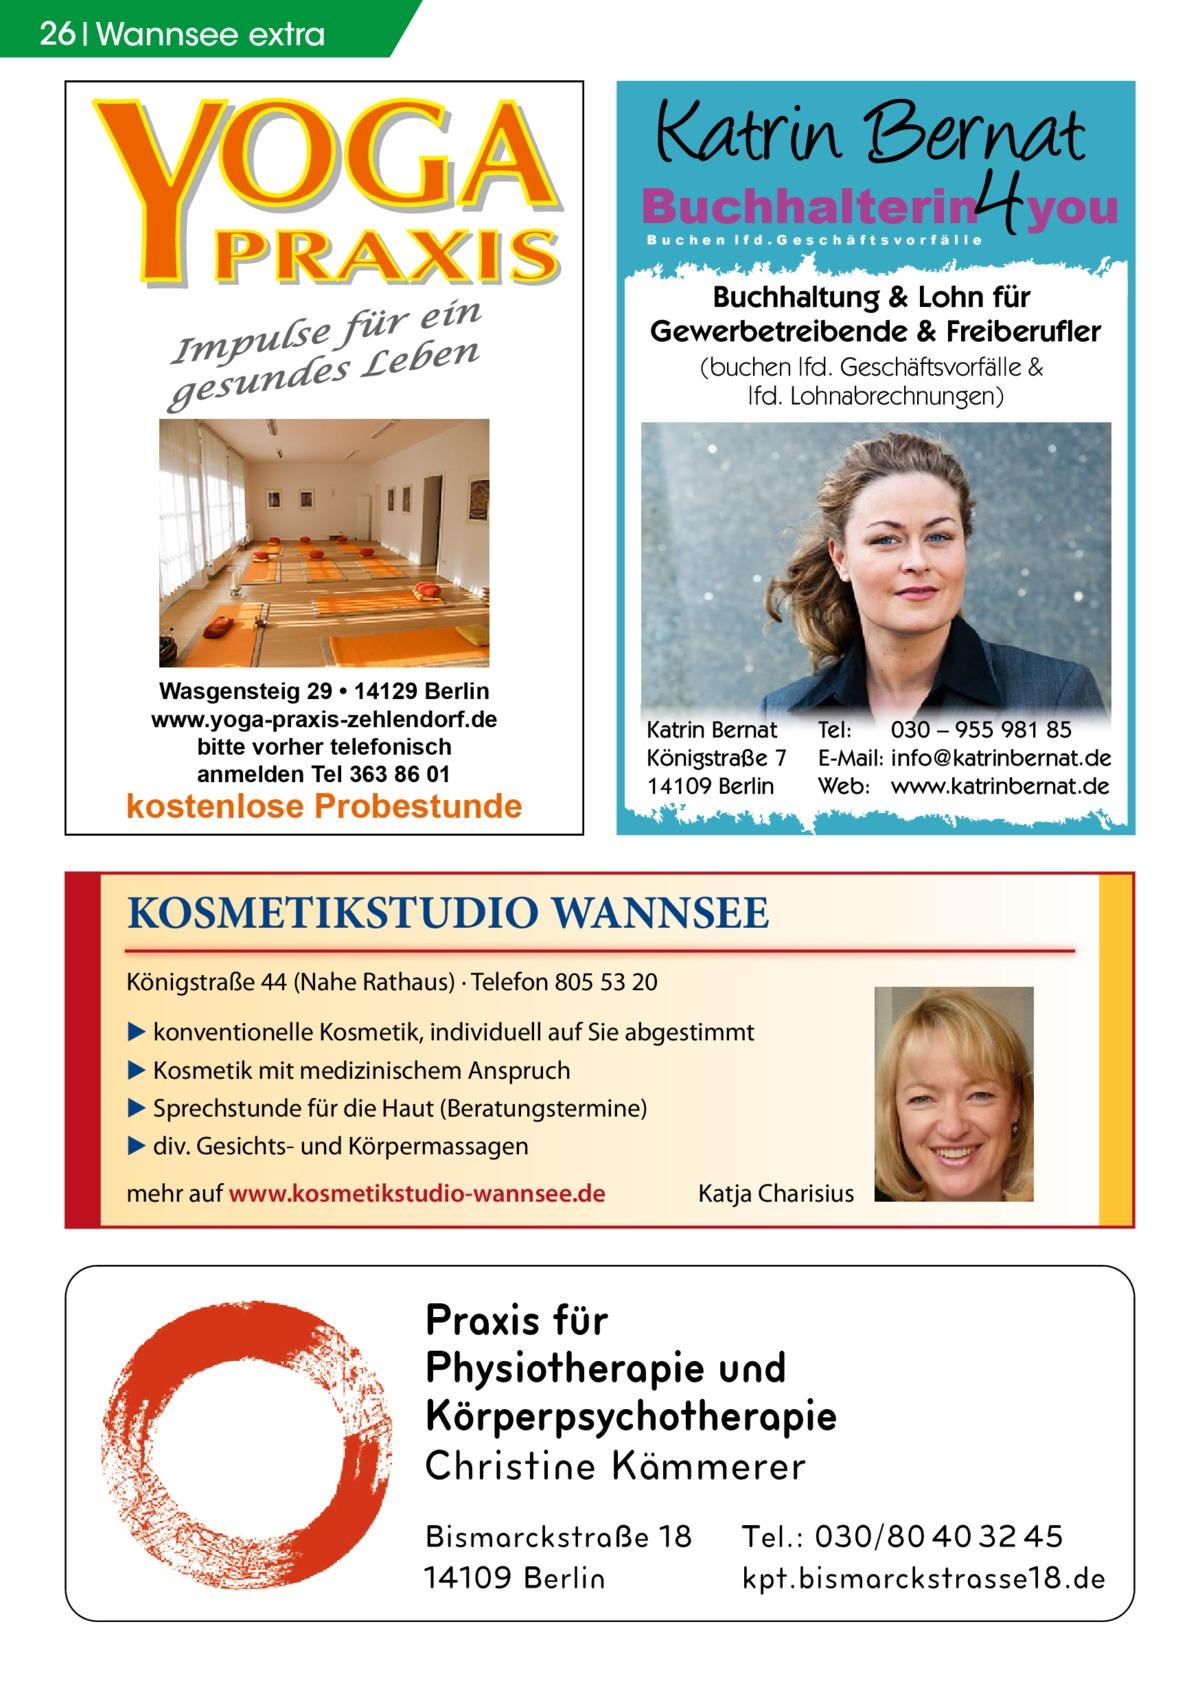 26 Wannsee extra  Buchhalterin you Buchen lfd.Geschäftsvorfälle  Buchhaltung & Lohn für Gewerbetreibende & Freiberufler (buchen lfd. Geschäftsvorfälle & lfd. Lohnabrechnungen)  Wasgensteig 29 • 14129 Berlin www.yoga-praxis-zehlendorf.de bitte vorher telefonisch anmelden Tel 363 86 01  kostenlose Probestunde  Katrin Bernat Königstraße 7 14109 Berlin  Tel: 030 – 955 981 85 E-Mail: info@katrinbernat.de Web: www.katrinbernat.de  KOSMETIKSTUDIO WANNSEE Königstraße 44 (Nahe Rathaus) · Telefon 805 53 20 ▶ konventionelle Kosmetik, individuell auf Sie abgestimmt ▶ Kosmetik mit medizinischem Anspruch ▶ Sprechstunde für die Haut (Beratungstermine) ▶ div. Gesichts- und Körpermassagen mehr auf www.kosmetikstudio-wannsee.de  Katja Charisius  Praxis für Physiotherapie und Körperpsychotherapie